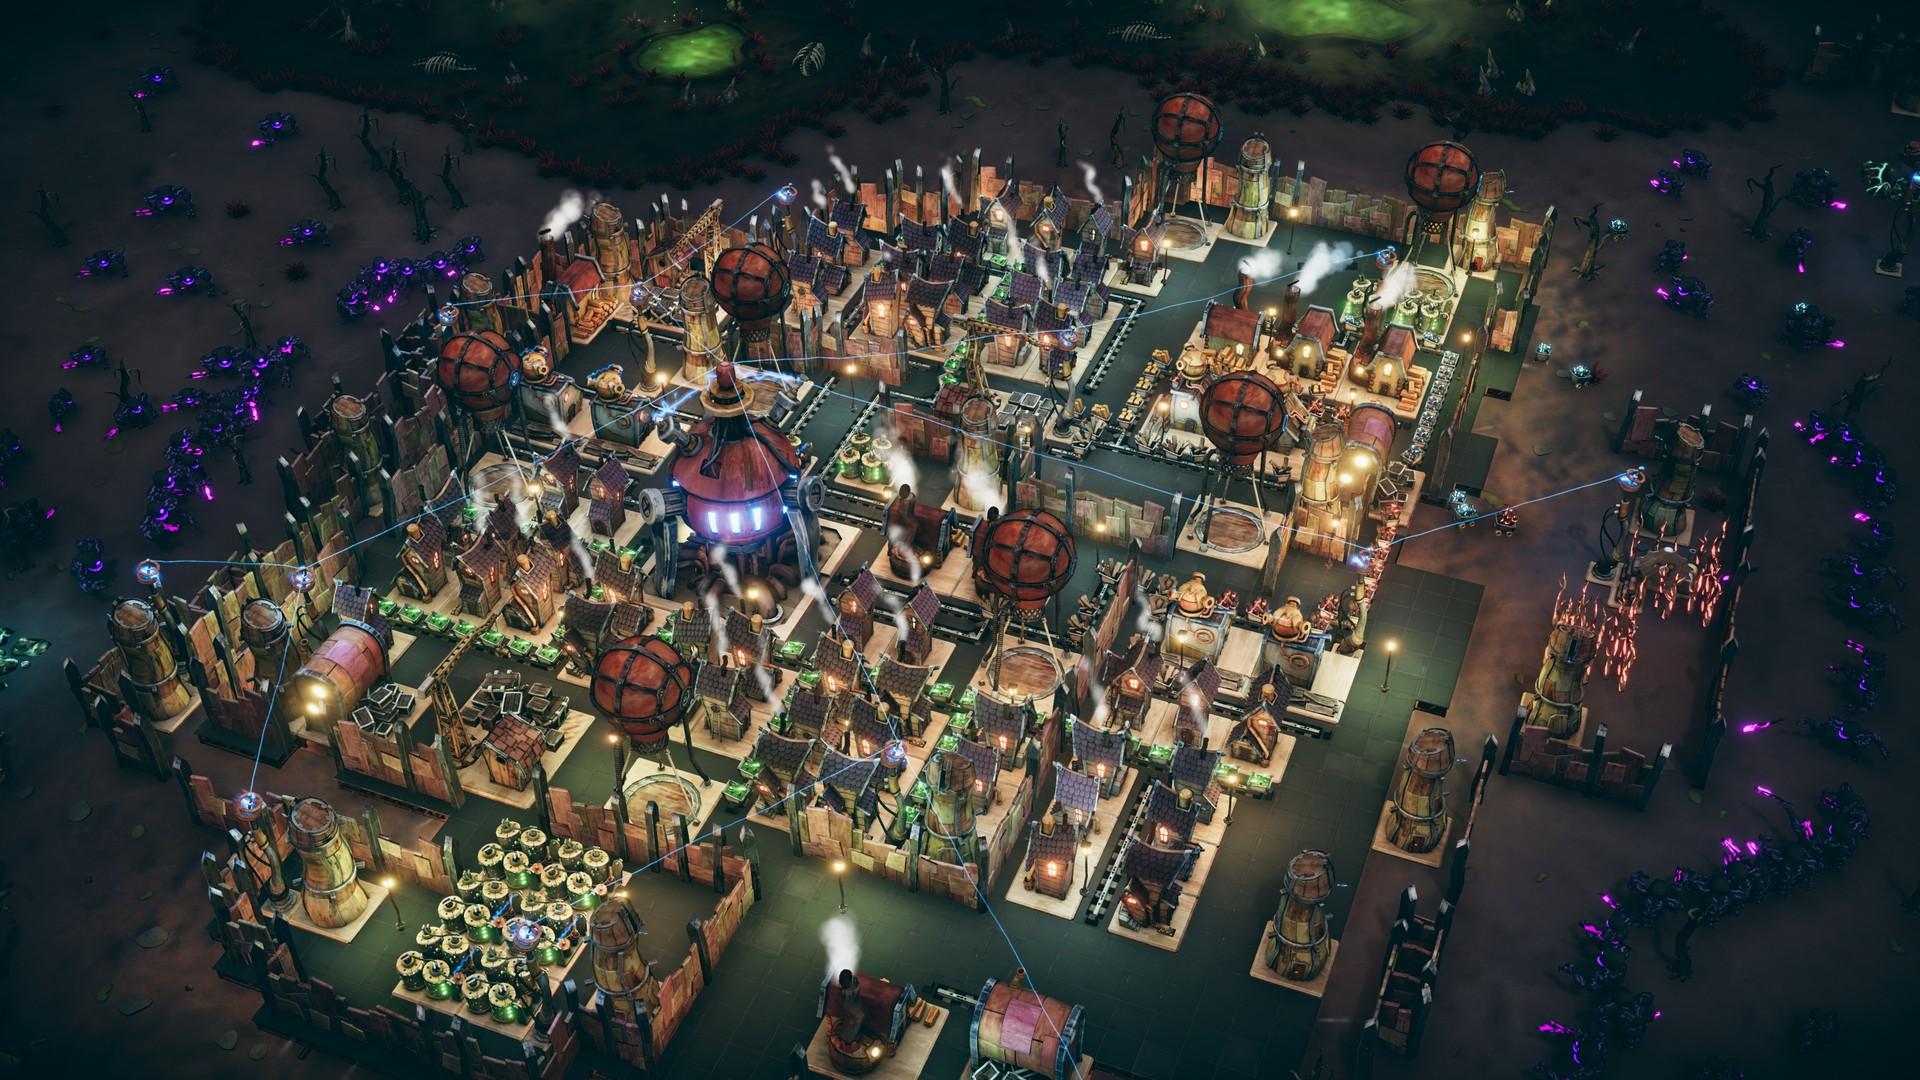 策略新作《夢幻引擎:移動城市》 科幻版天空之城